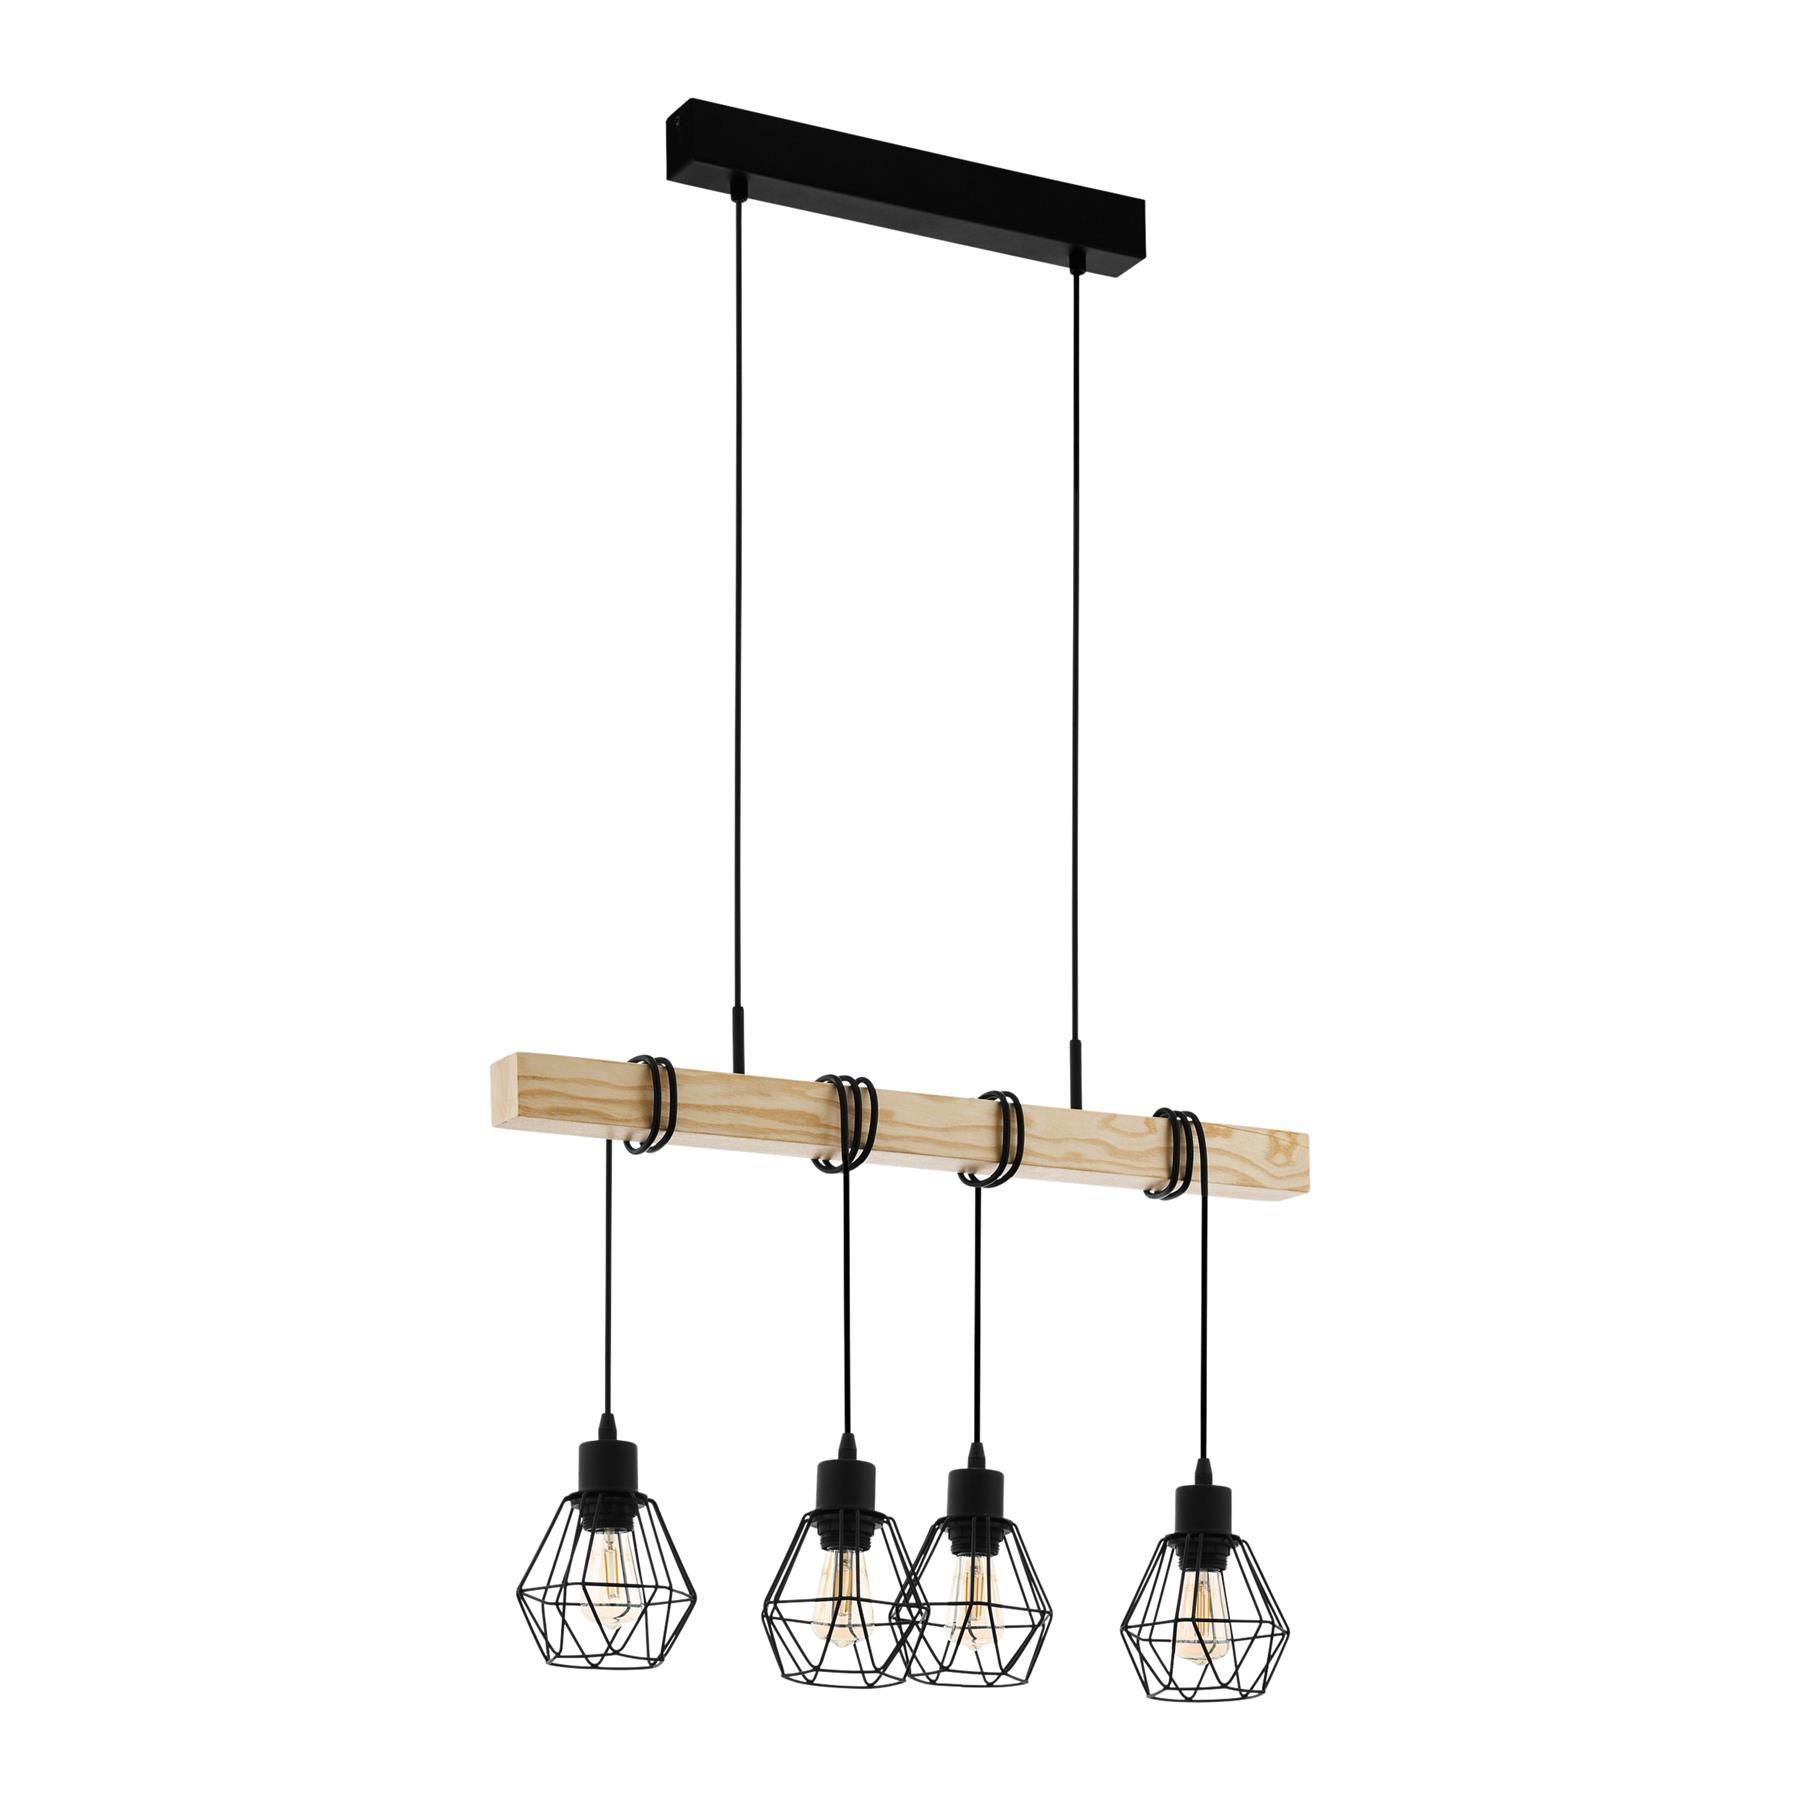 Eglo Townshend 5 Hanglamp Hanglamp Houten Eettafels Hout Afwerking